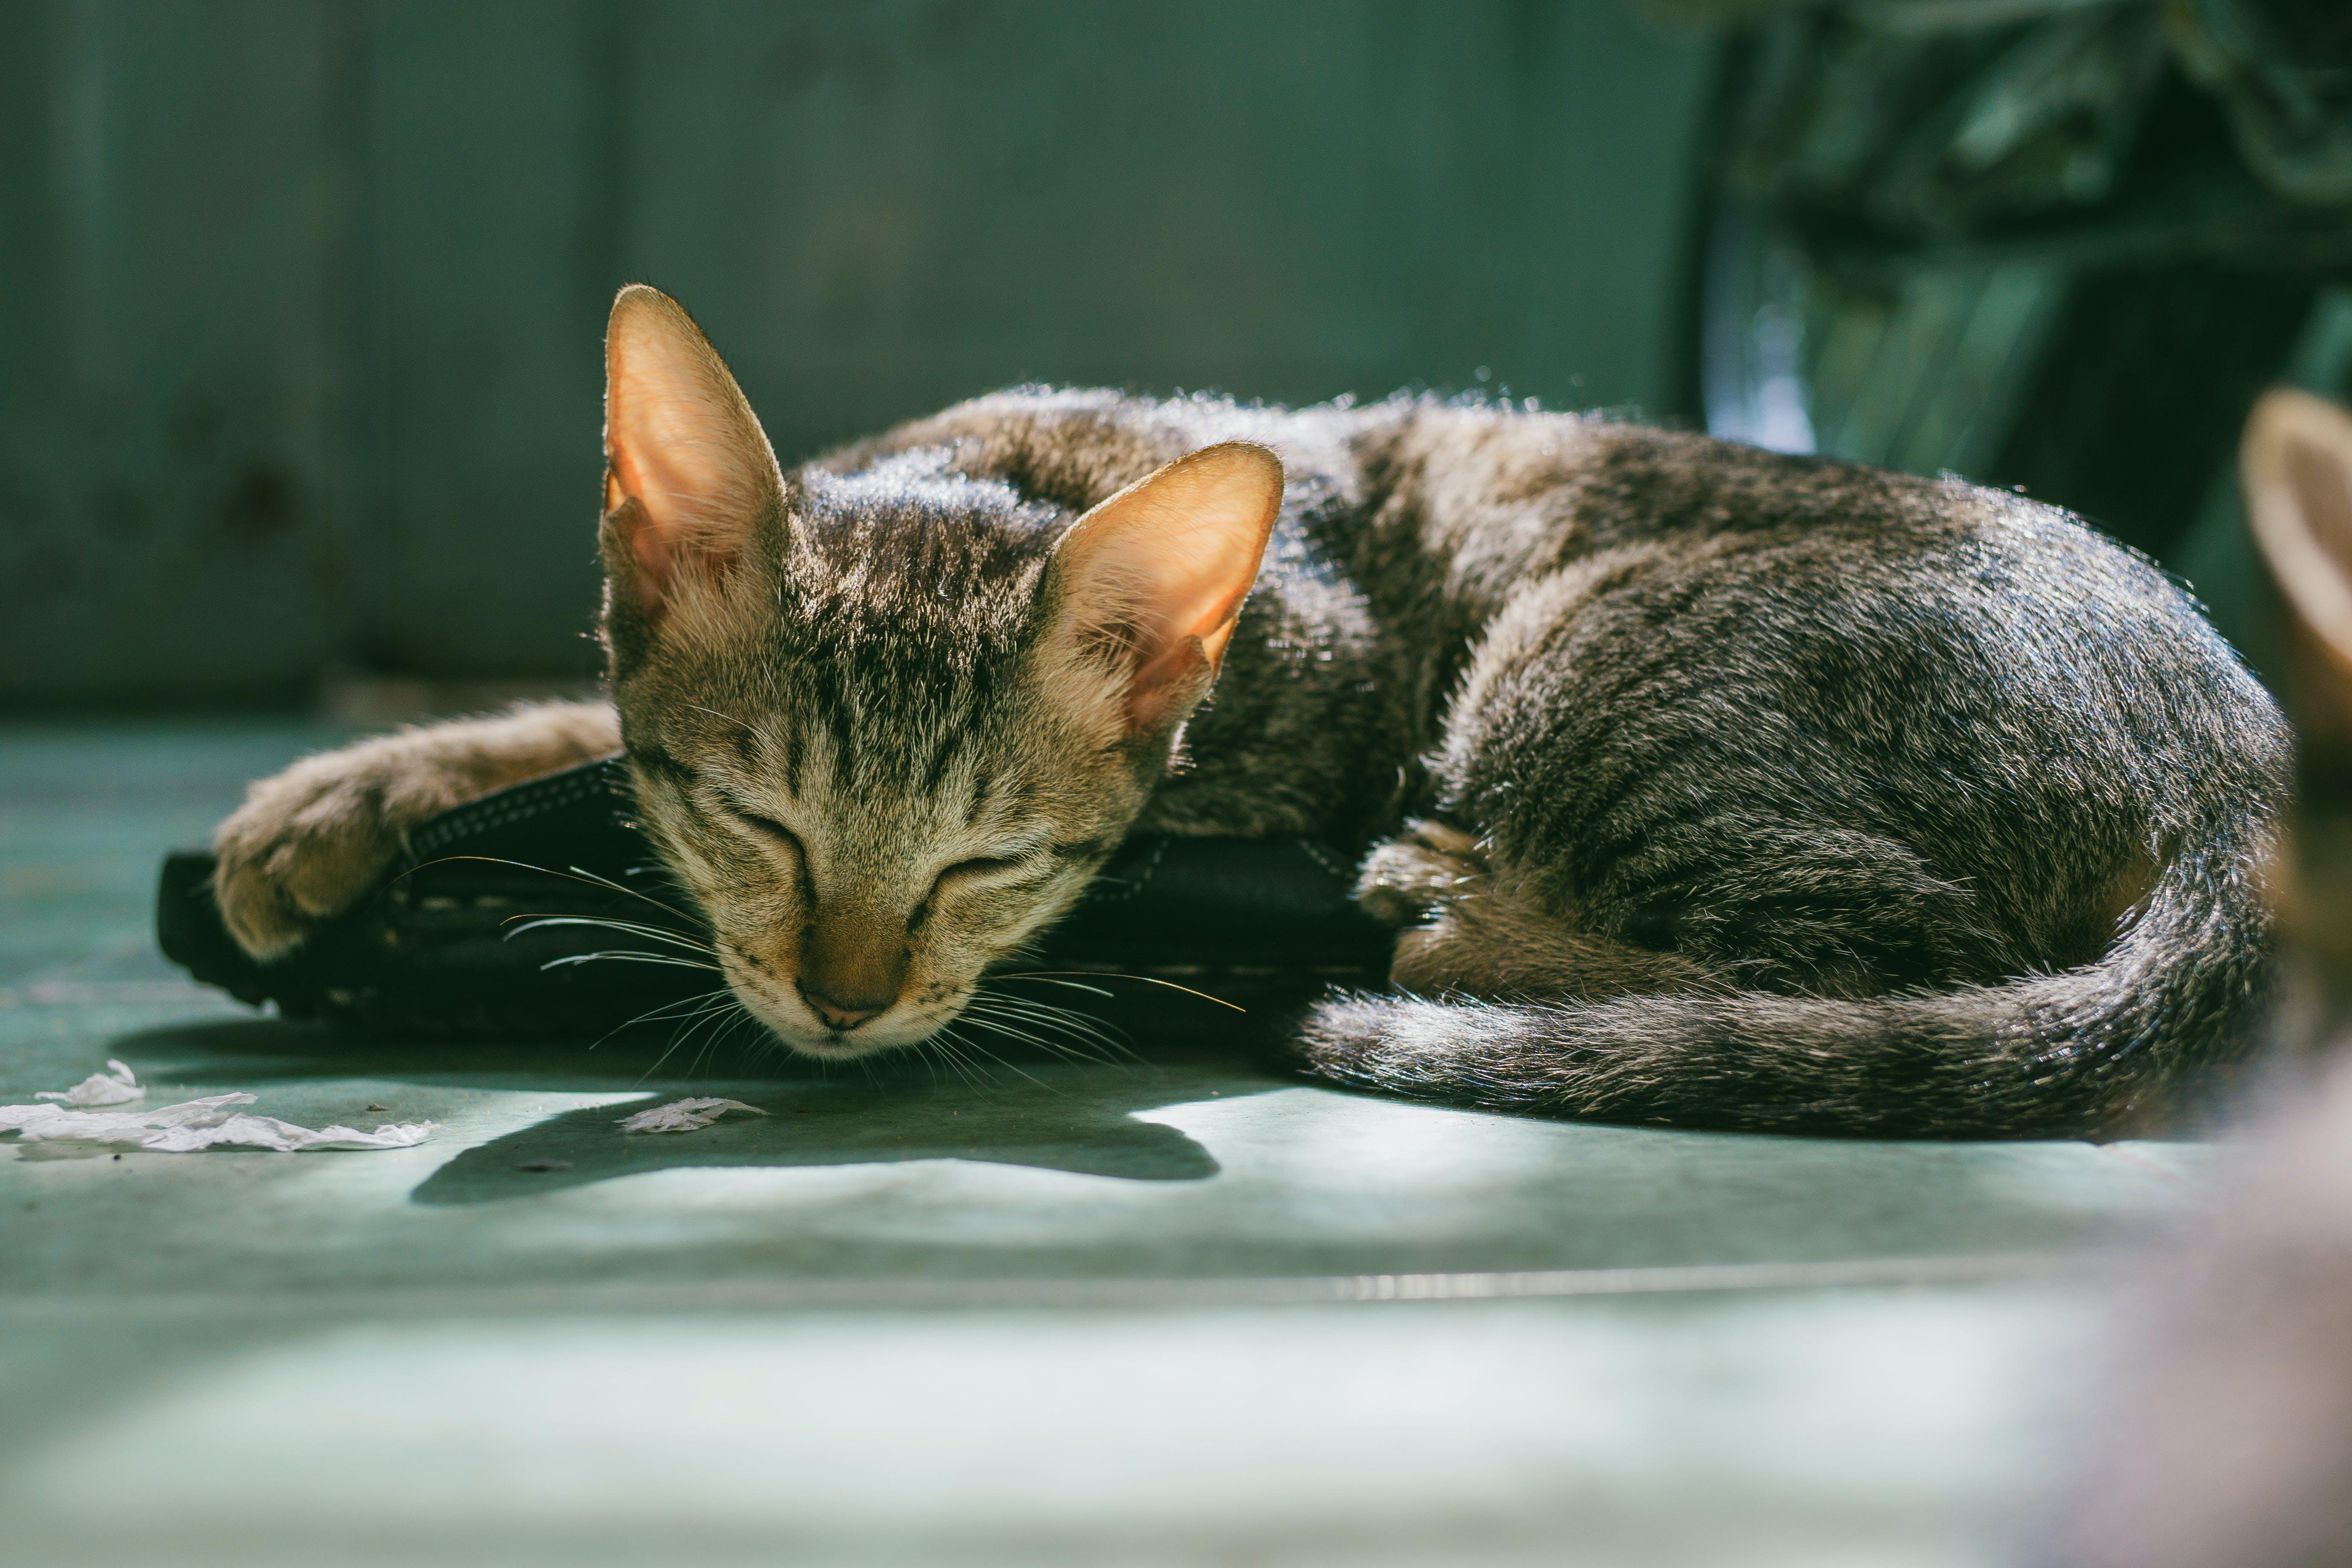 Brown Tabby Cat Sleeping